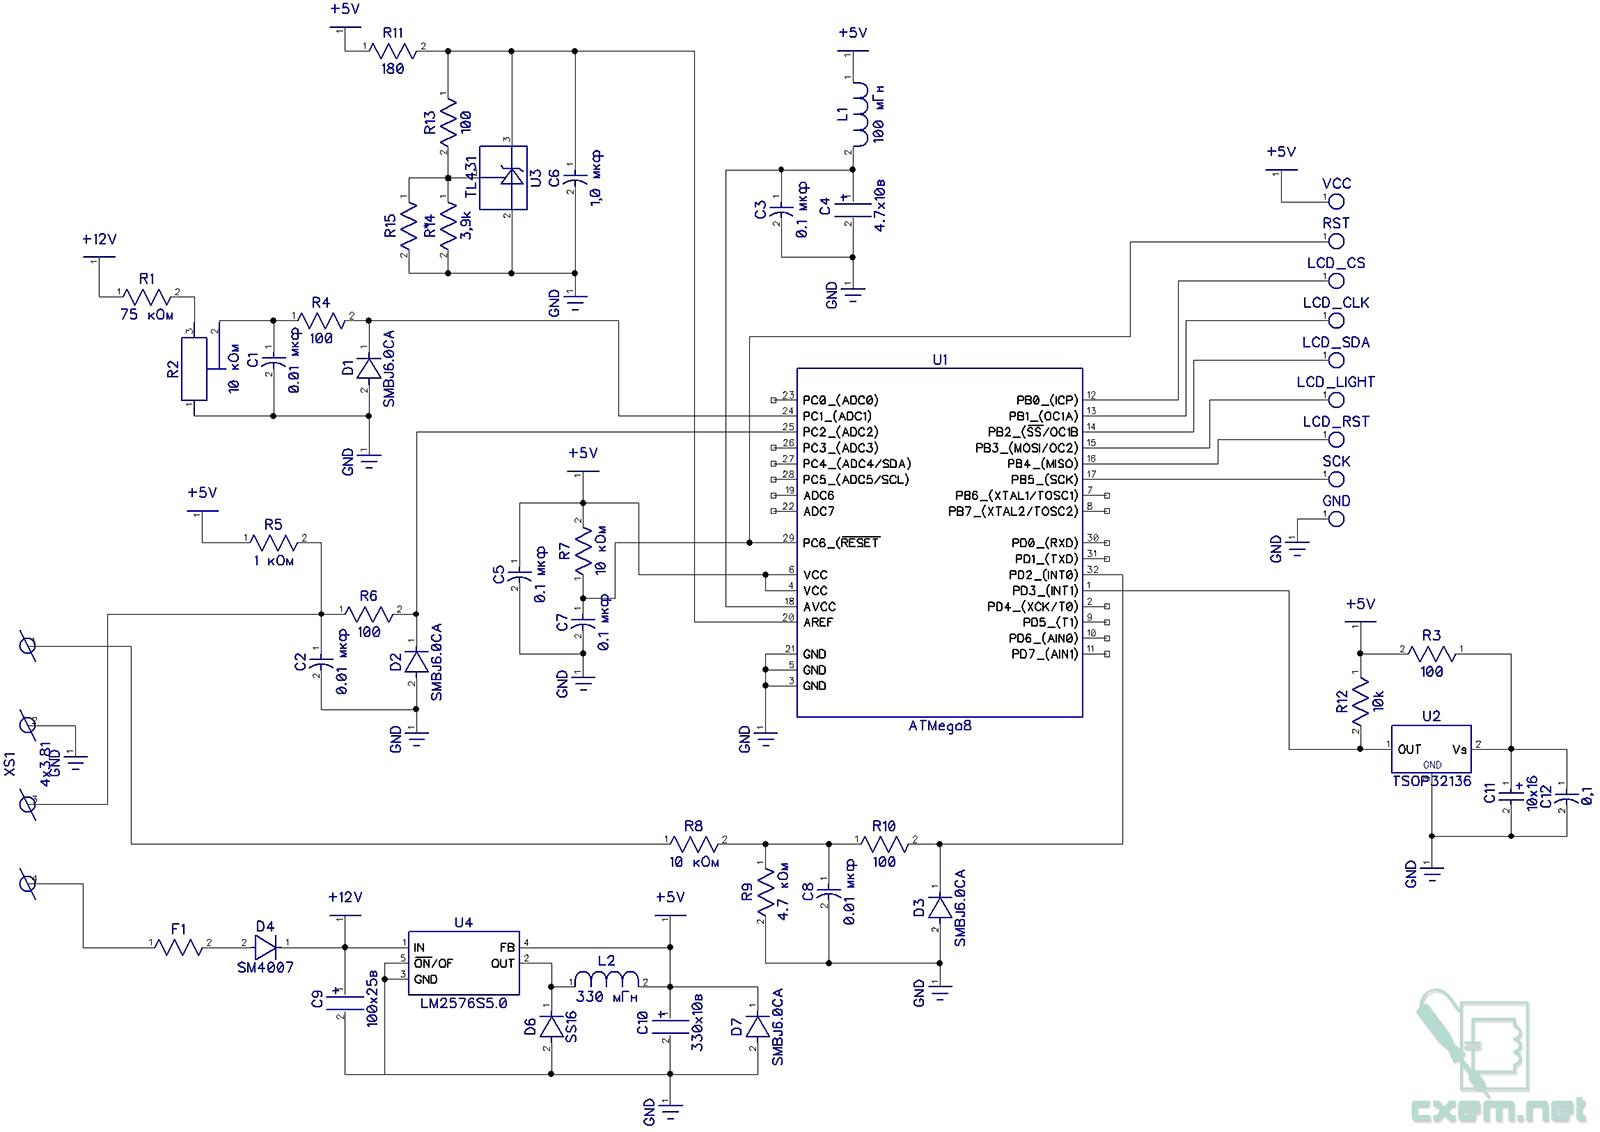 схема цифрового указателя топлива